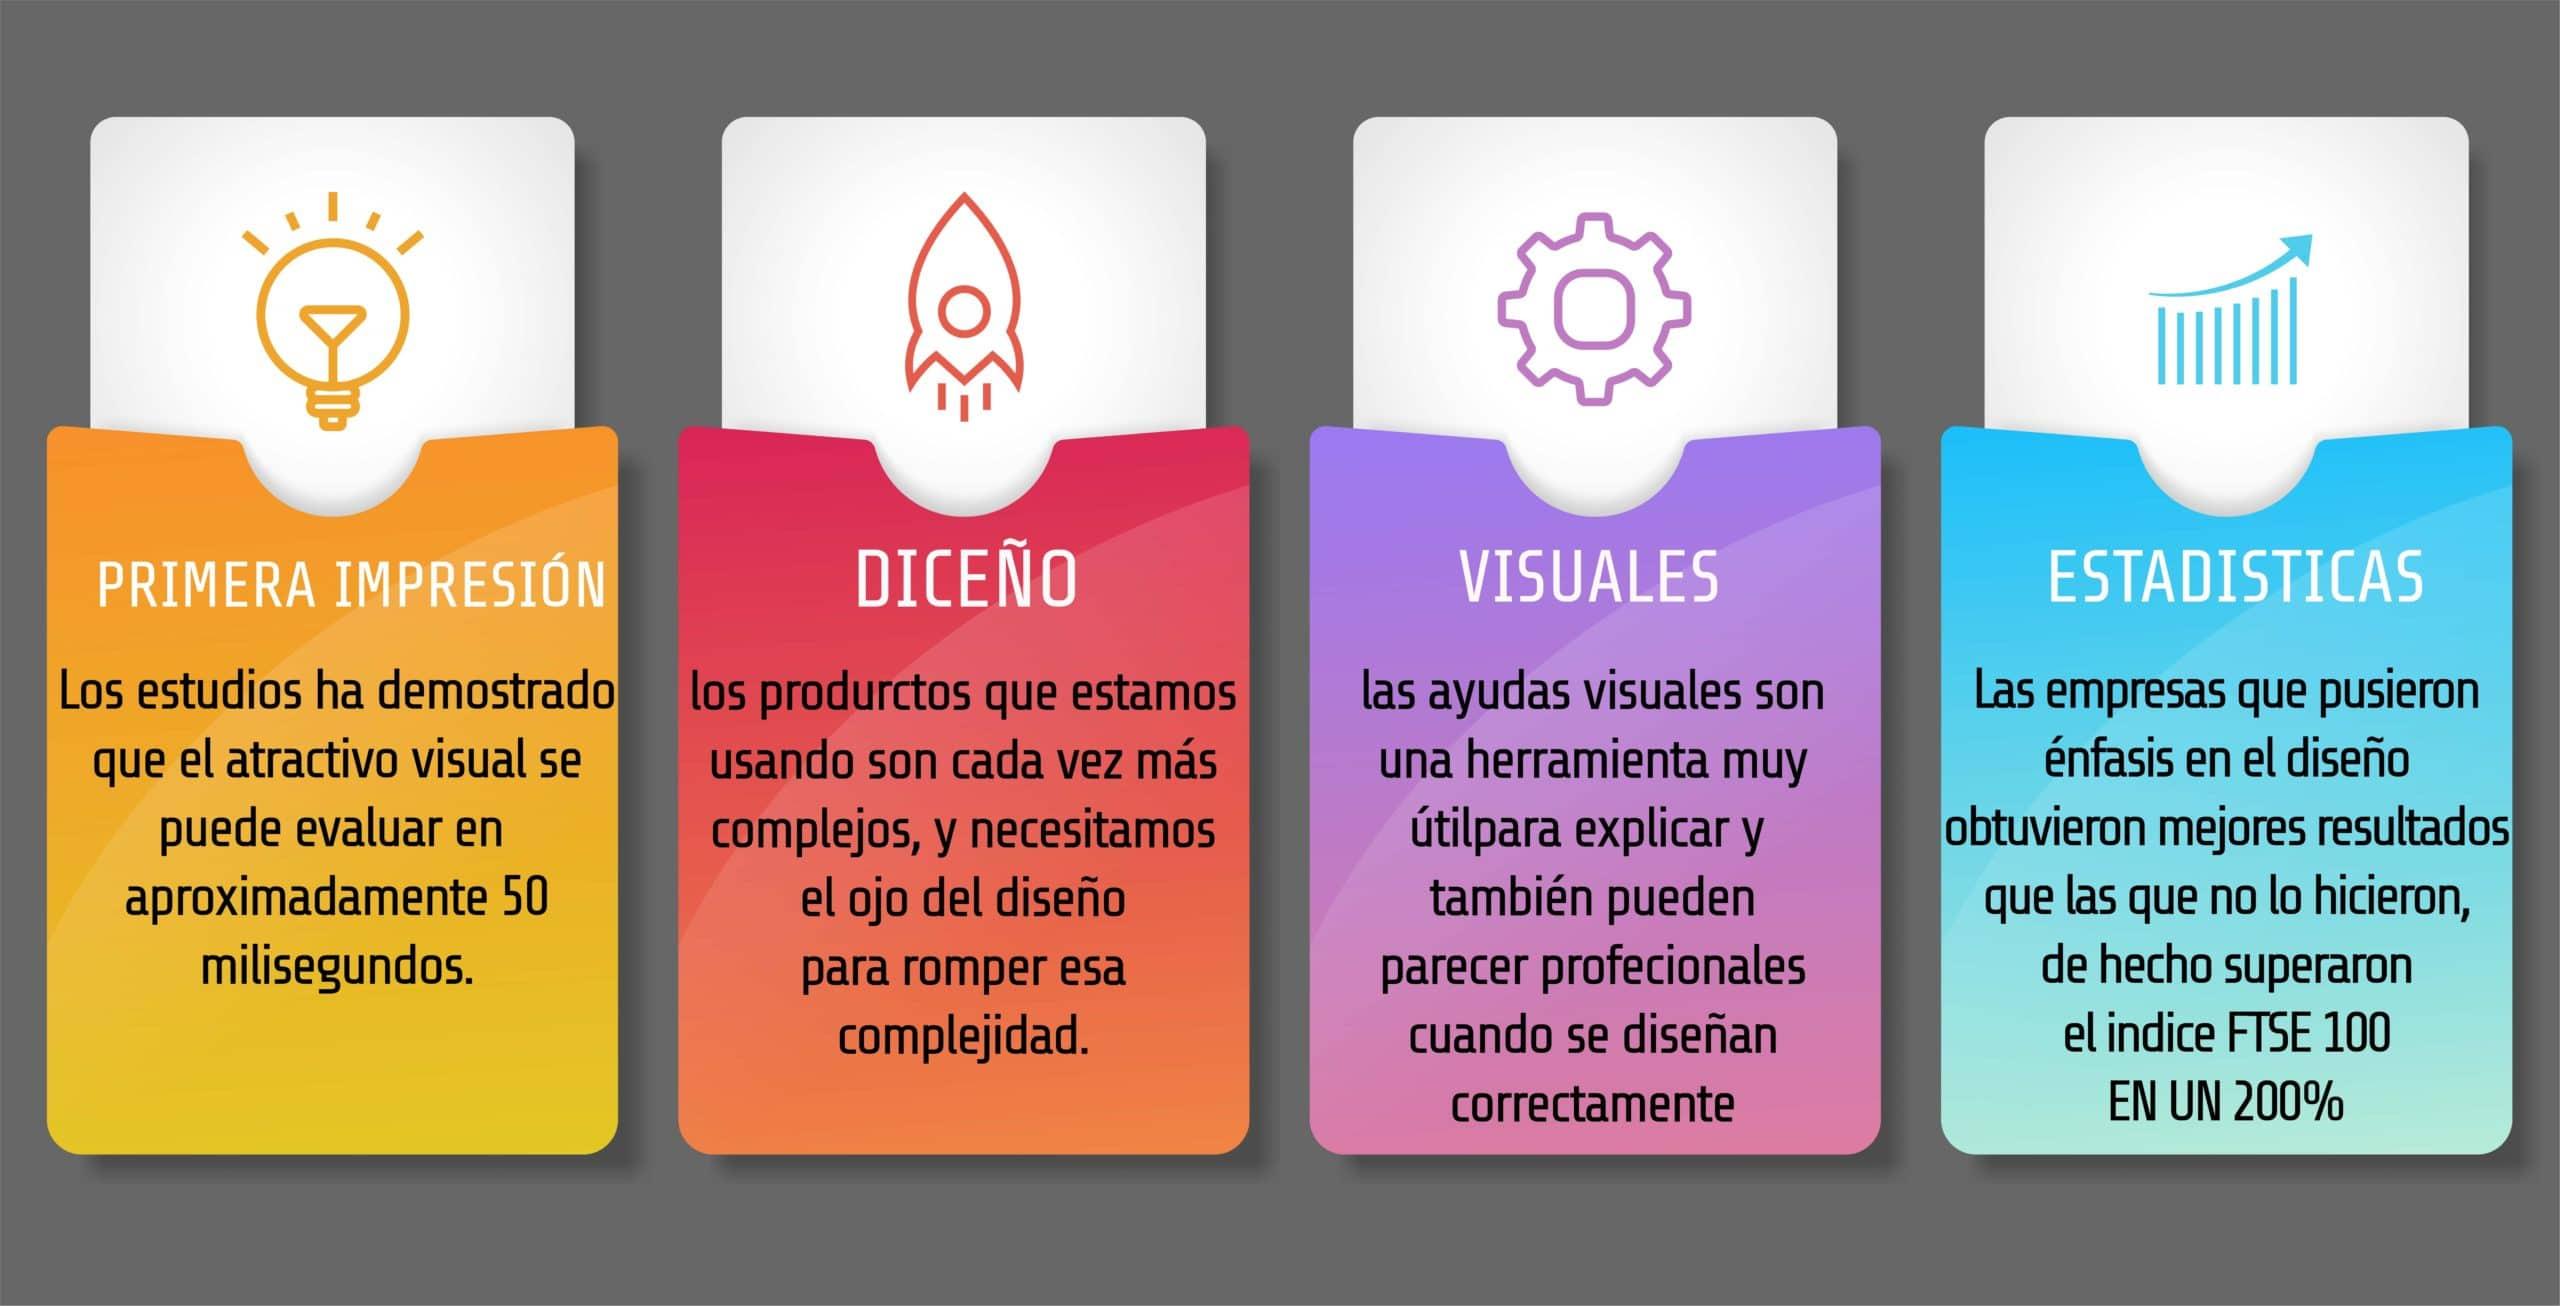 La importancia del diseño en tu empresa 4